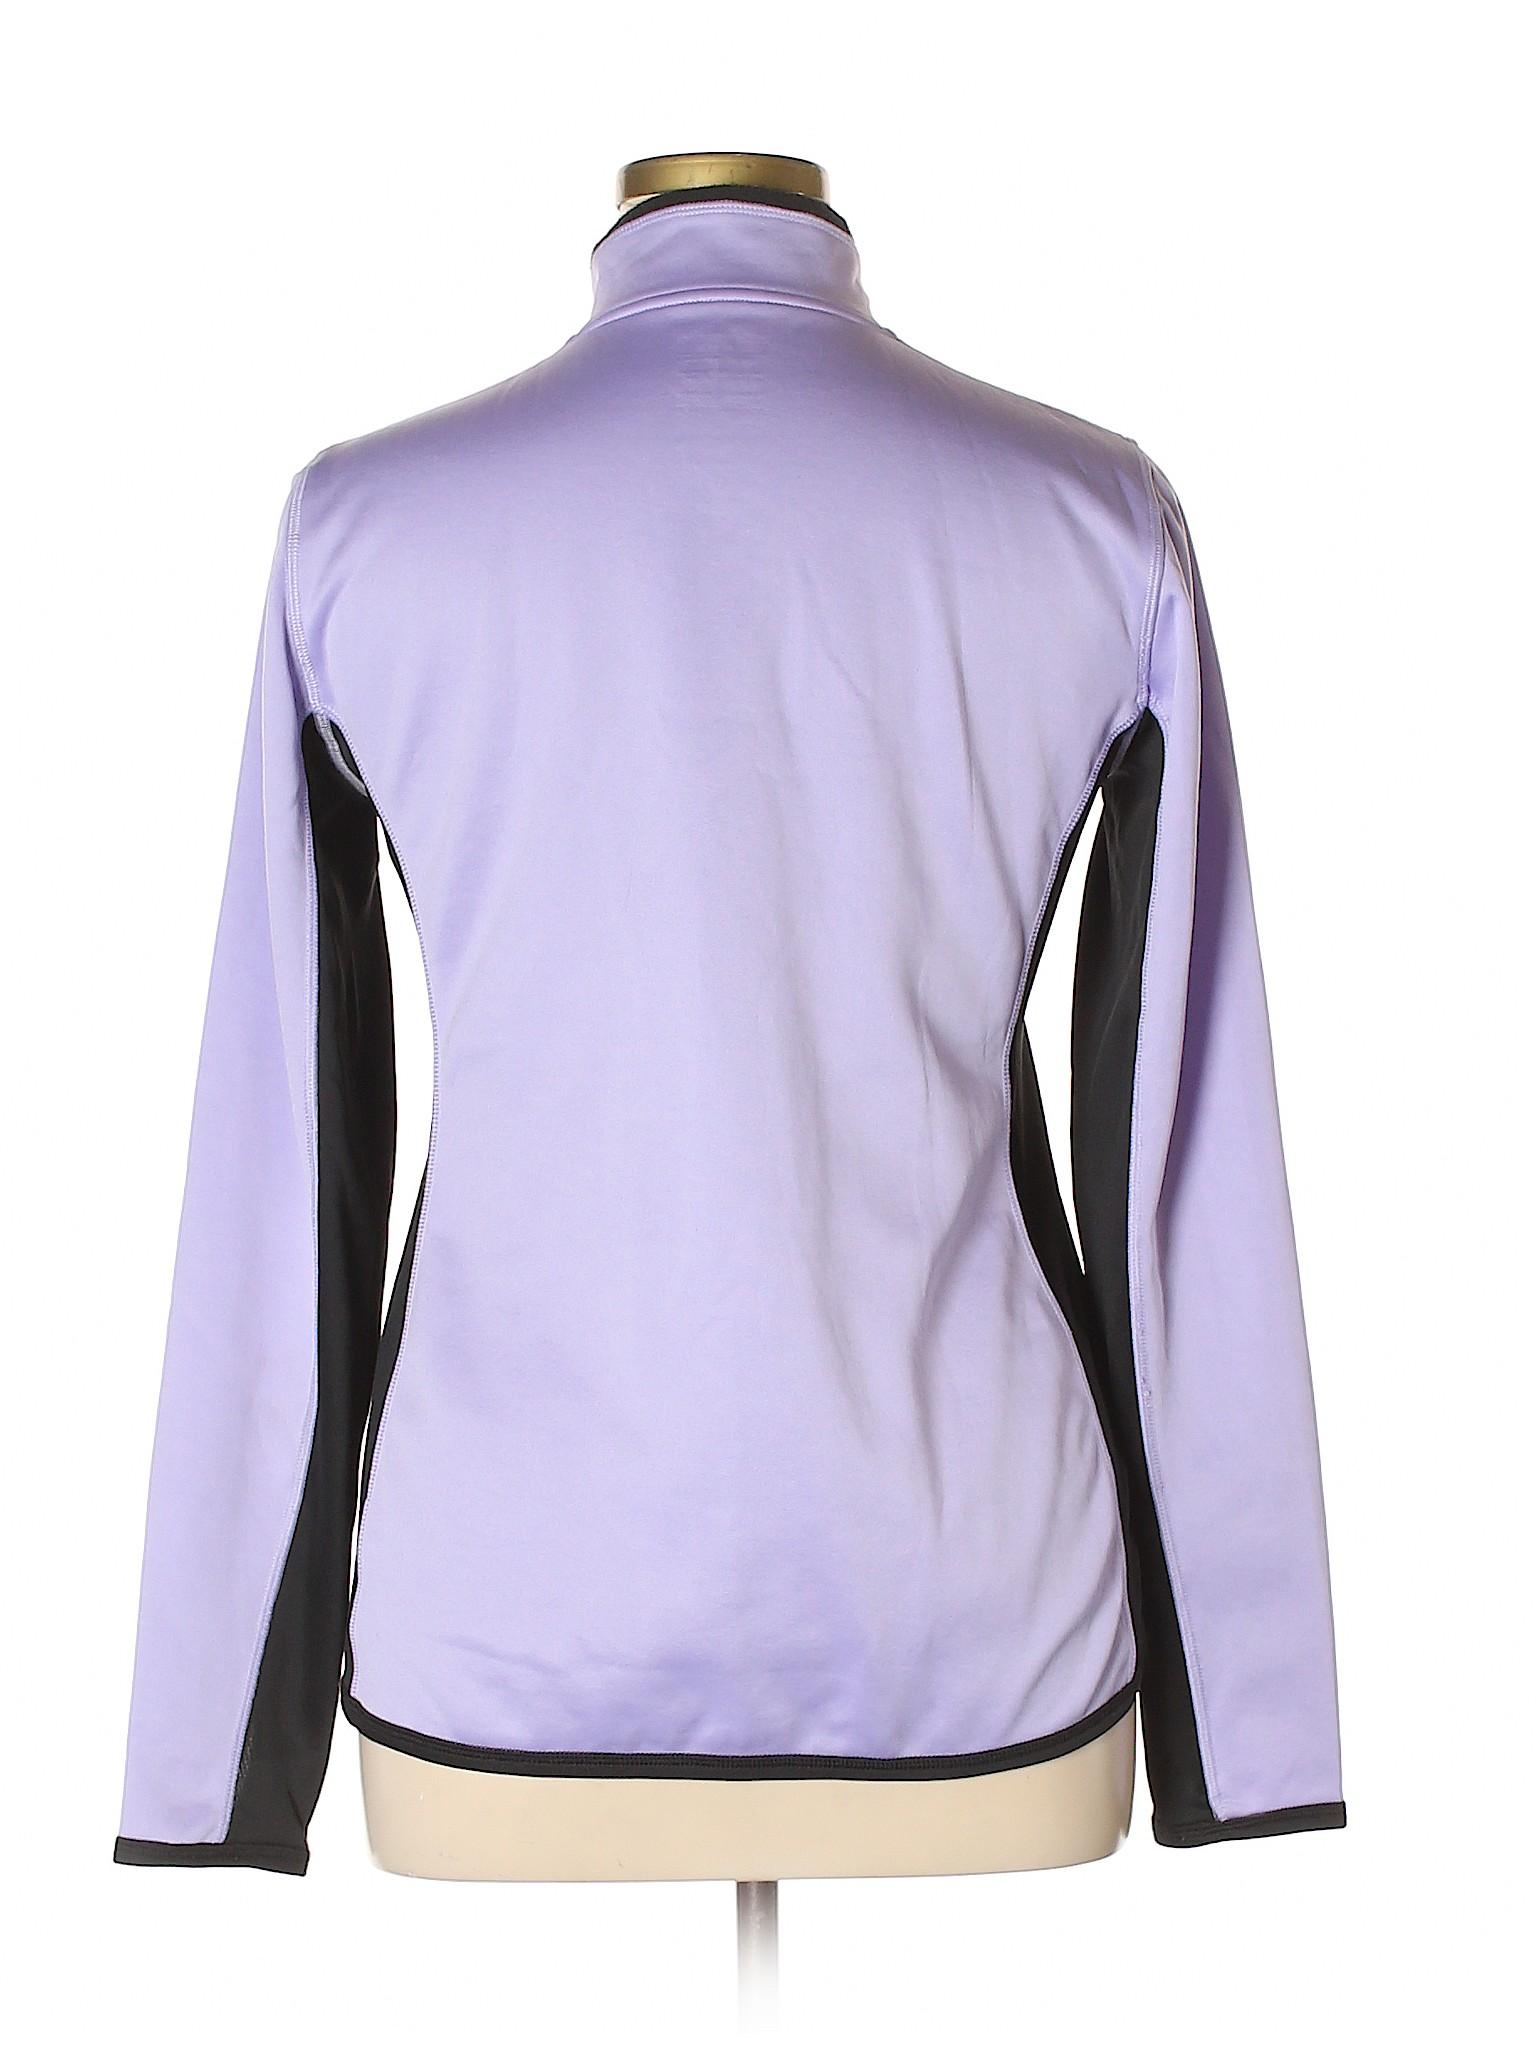 Leisure Jacket Track Balance winter New q0AwF01Hx